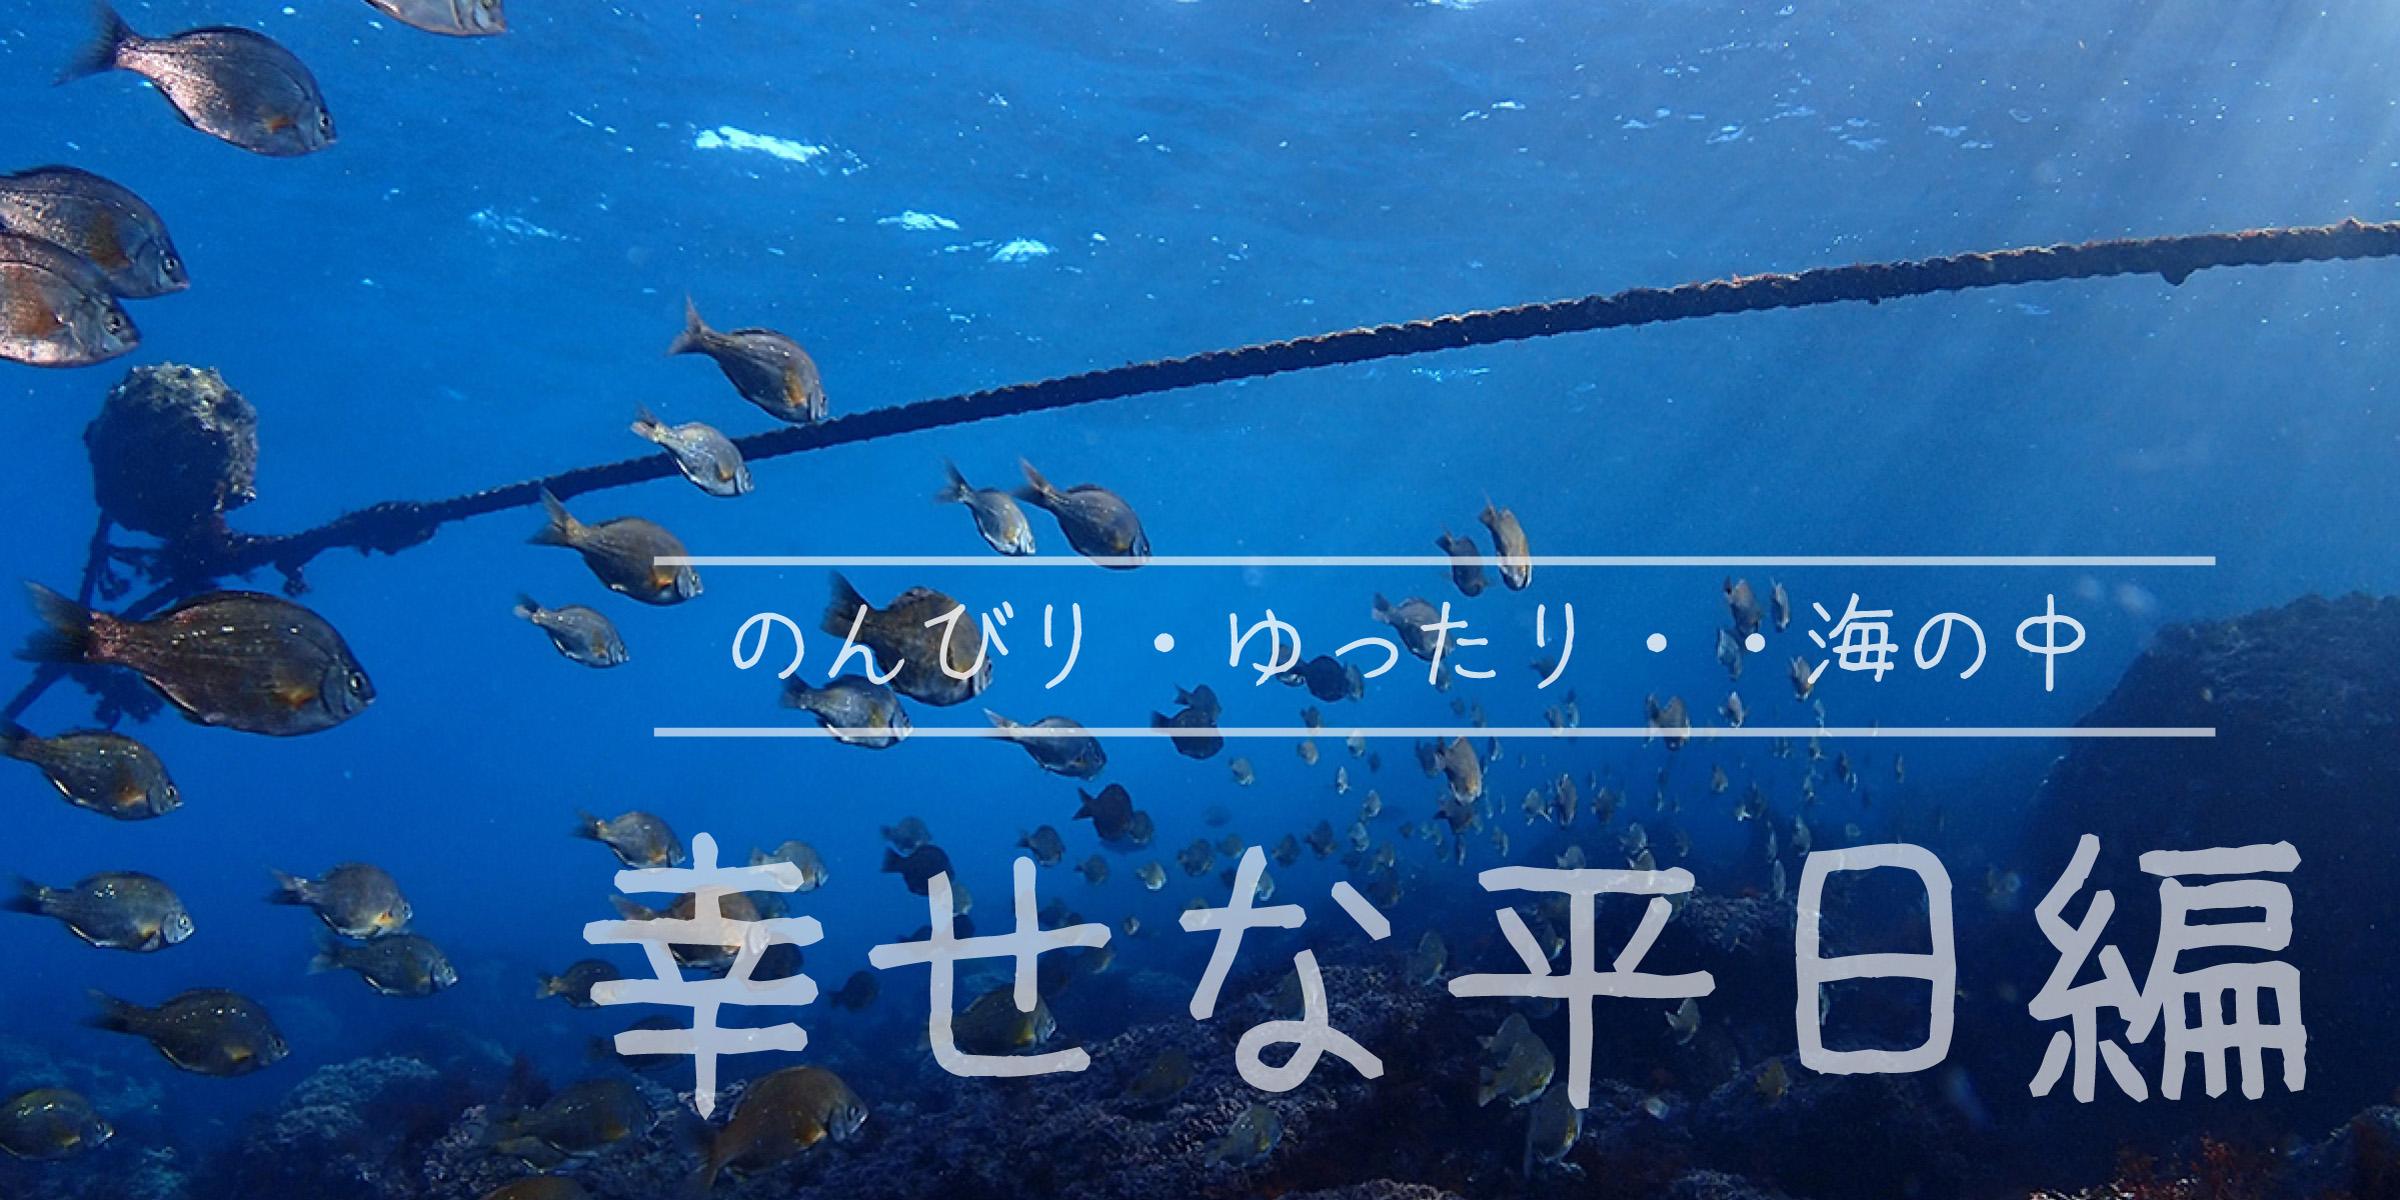 のんびり・ゆったり 海の中 幸せな平日編